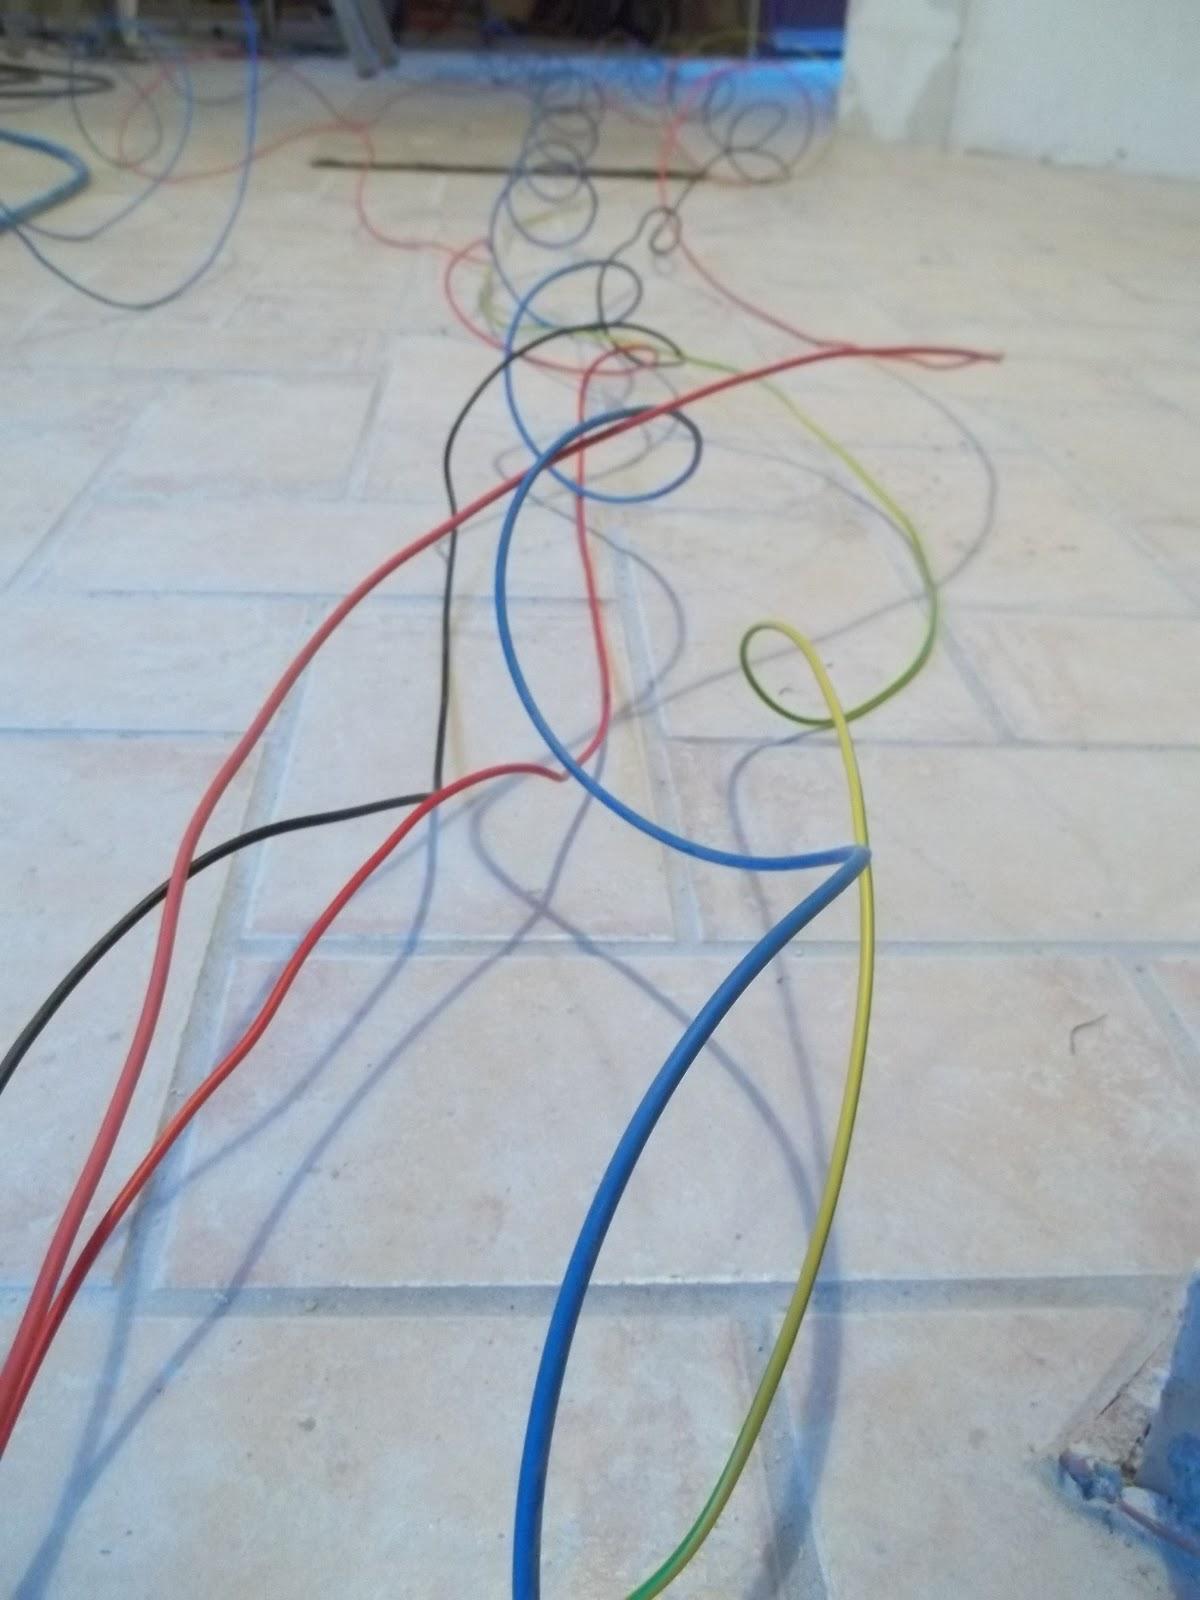 flottille de loire aiguilles furet fil bleu fil jaune vert fil rouge. Black Bedroom Furniture Sets. Home Design Ideas